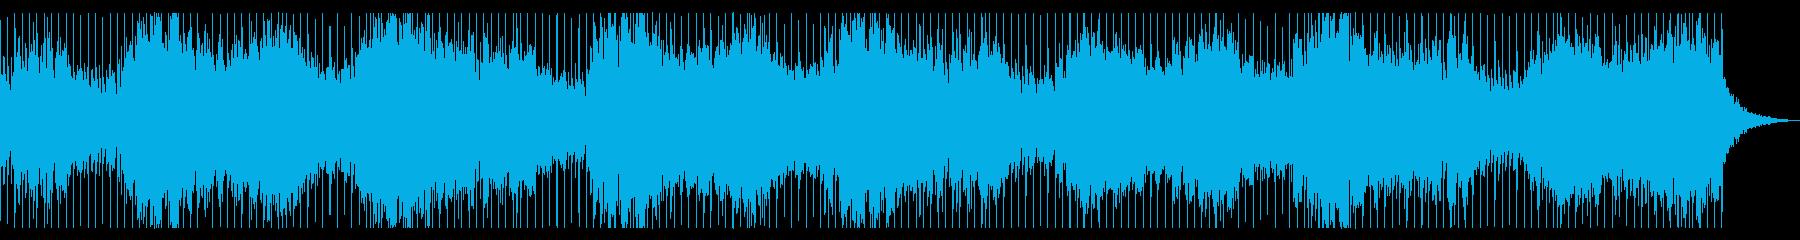 サイバー&ミステリアスなシンセBGMの再生済みの波形